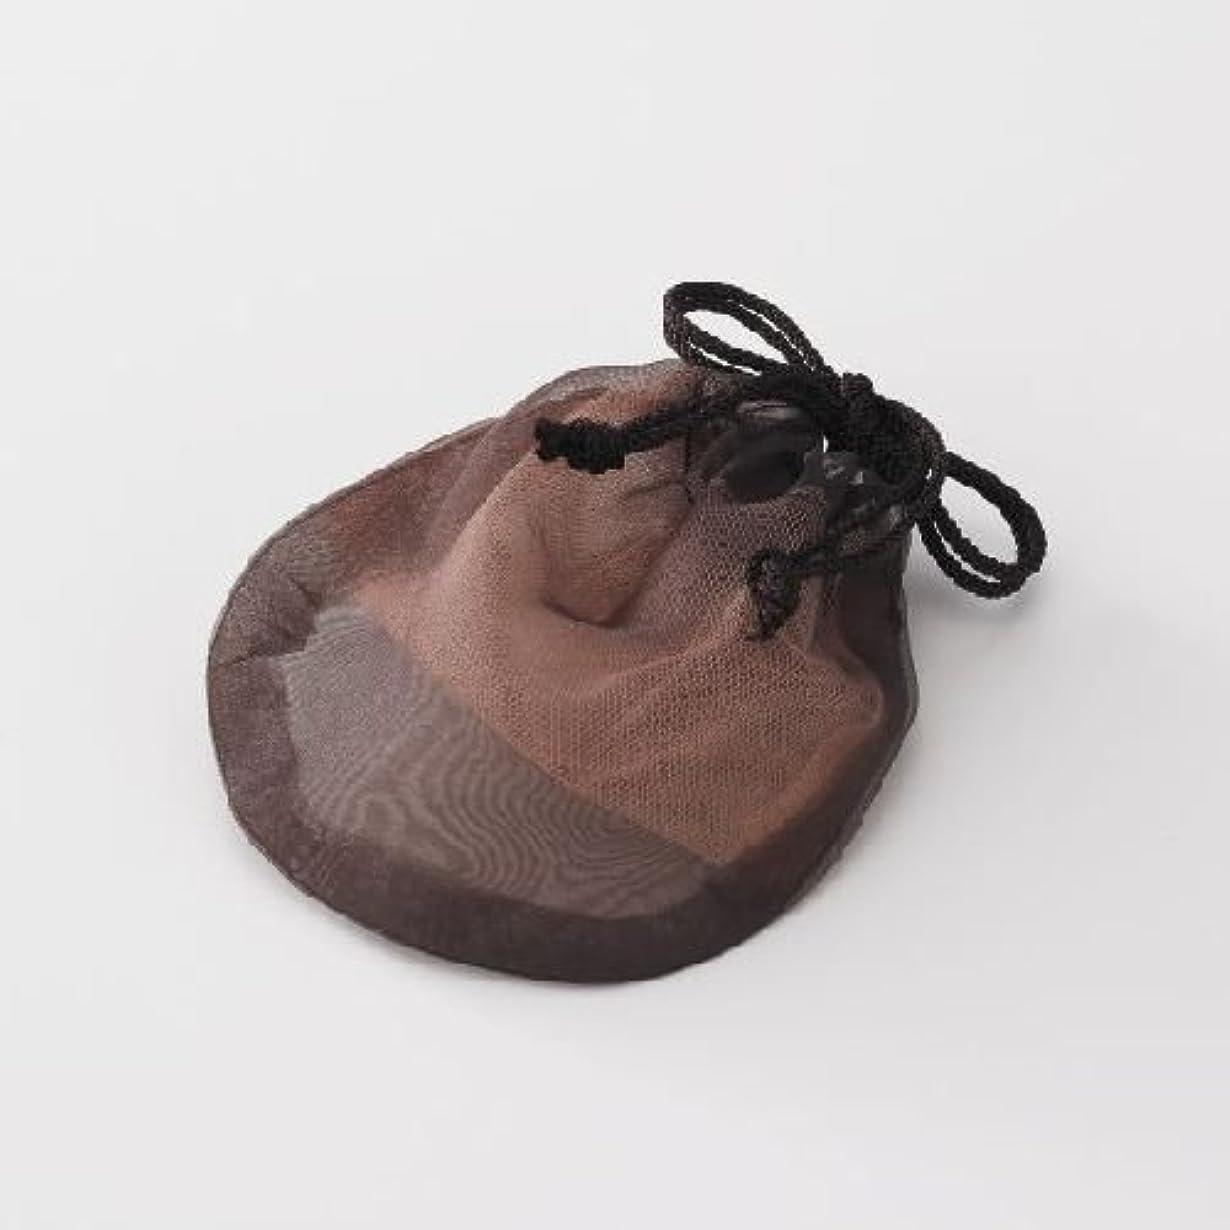 表向きサポートスプレーピギーバックス ソープネット 瞬時にマシュマロのようなお肌に負担をかけないキメ細かな泡をつくることができるオシャレなポーチ型オリジナル【泡だてネット】!衛生的に固形石鹸の保存もできます。